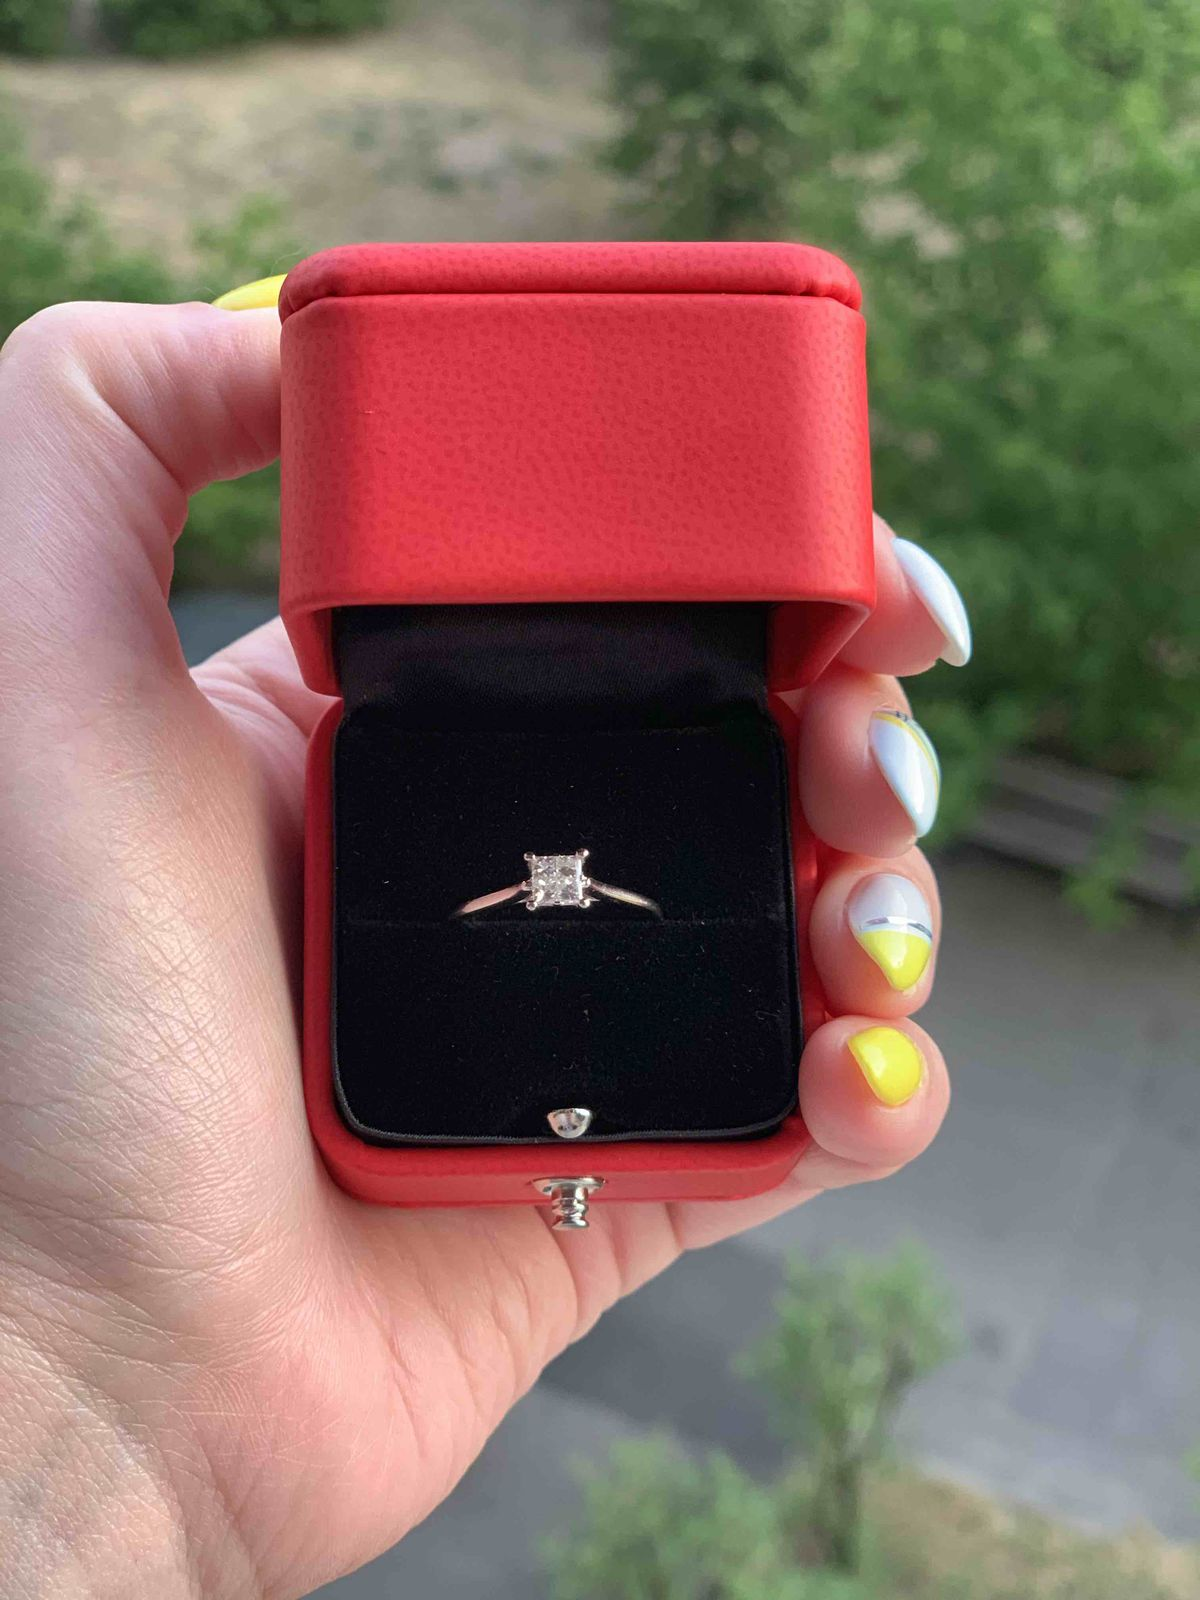 Чудесное кольцо, заслуживает Вашего внимания, однозначно!